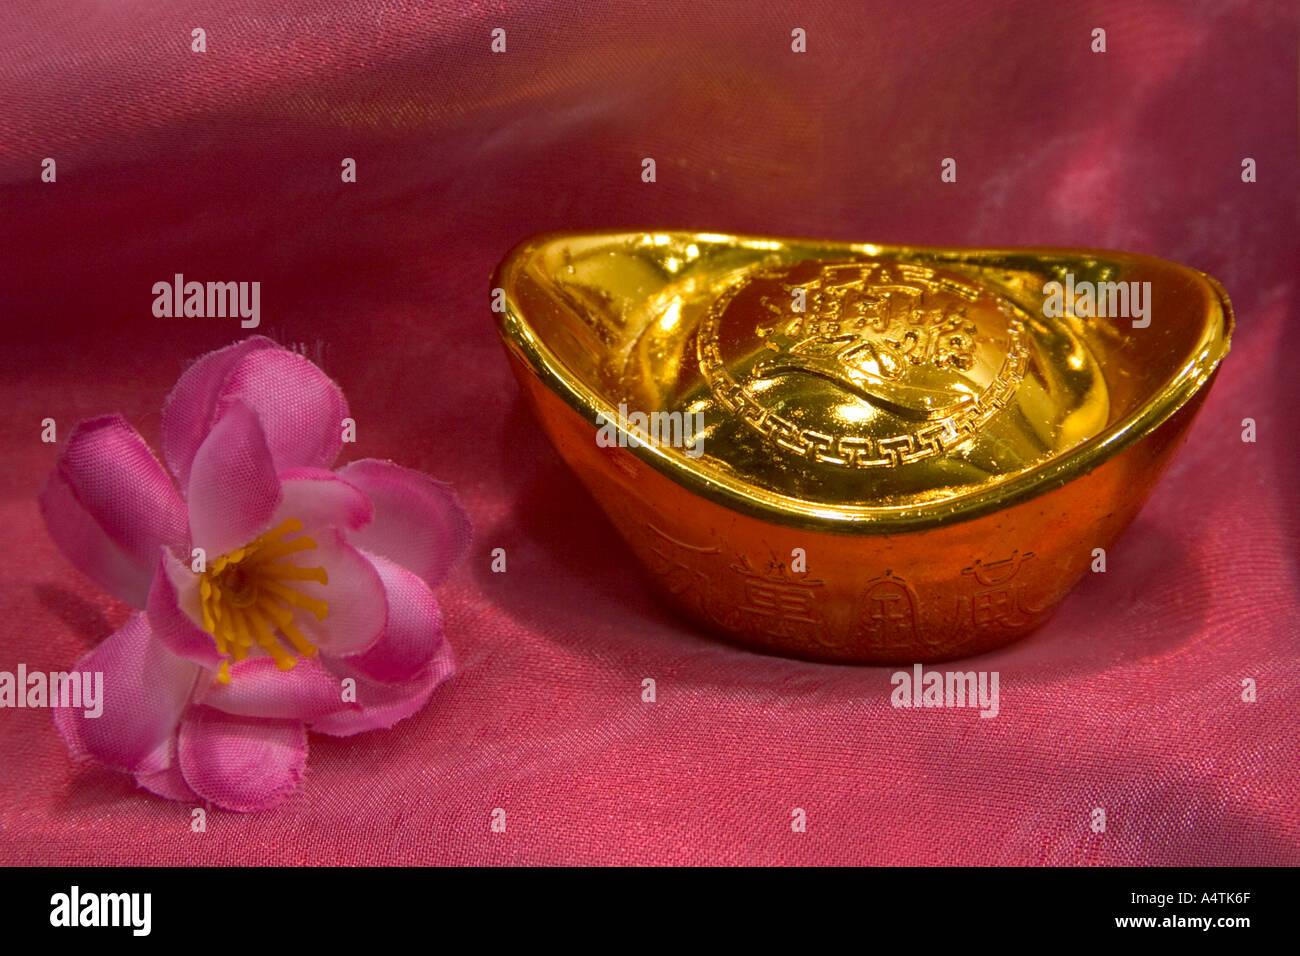 chinesische Goldbarren und Kunststoff Pflaumenblüte auf rotem ...